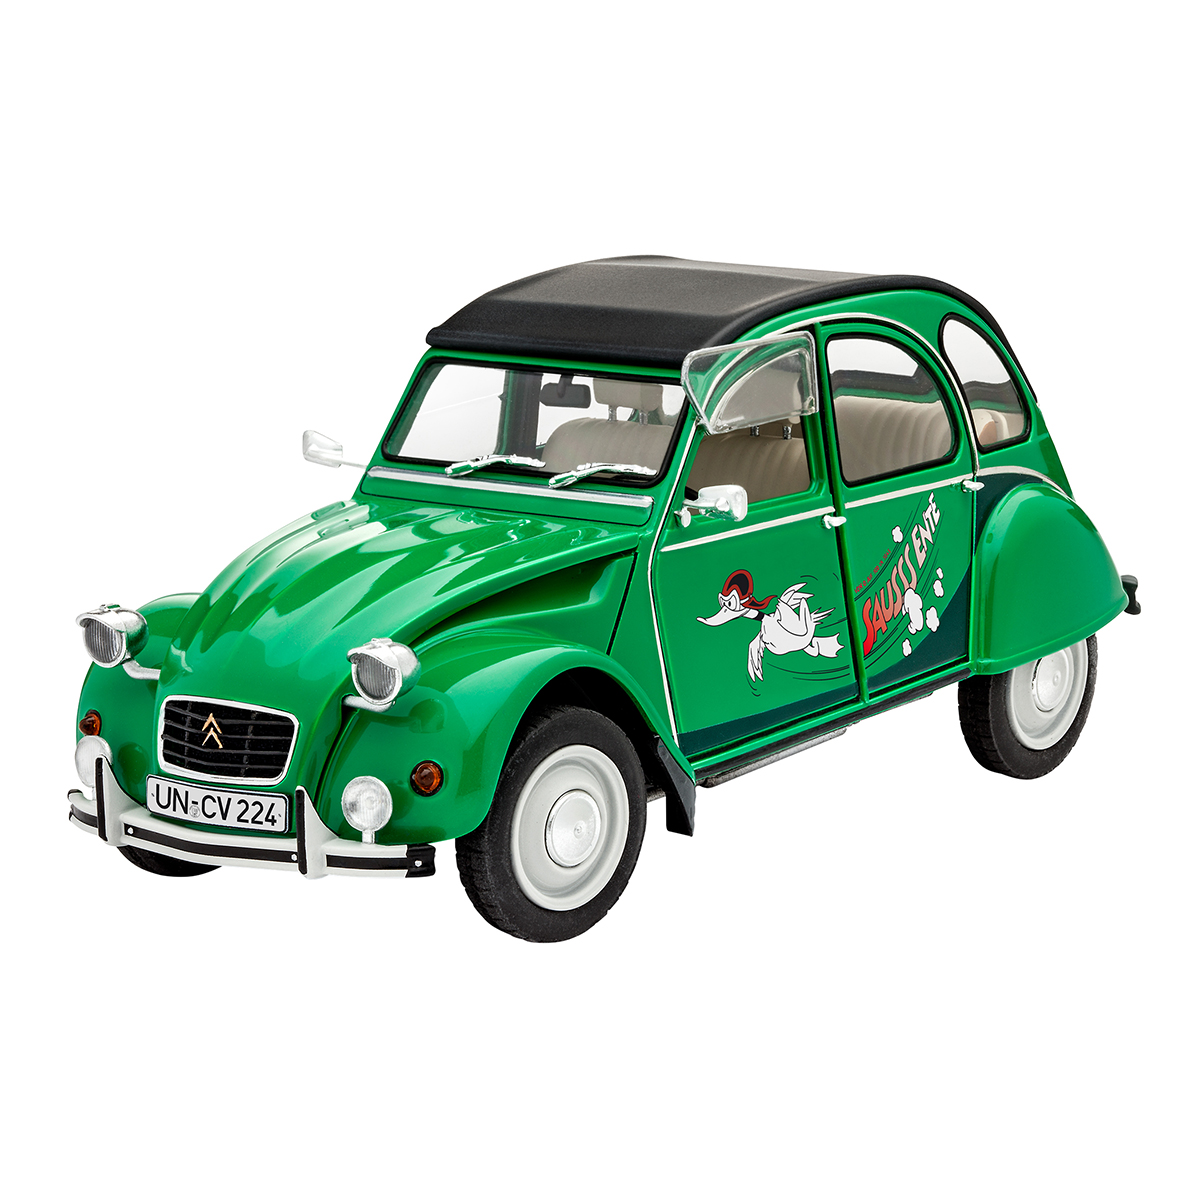 Maquette voiture - Citroën - 2CV Sausss Ente